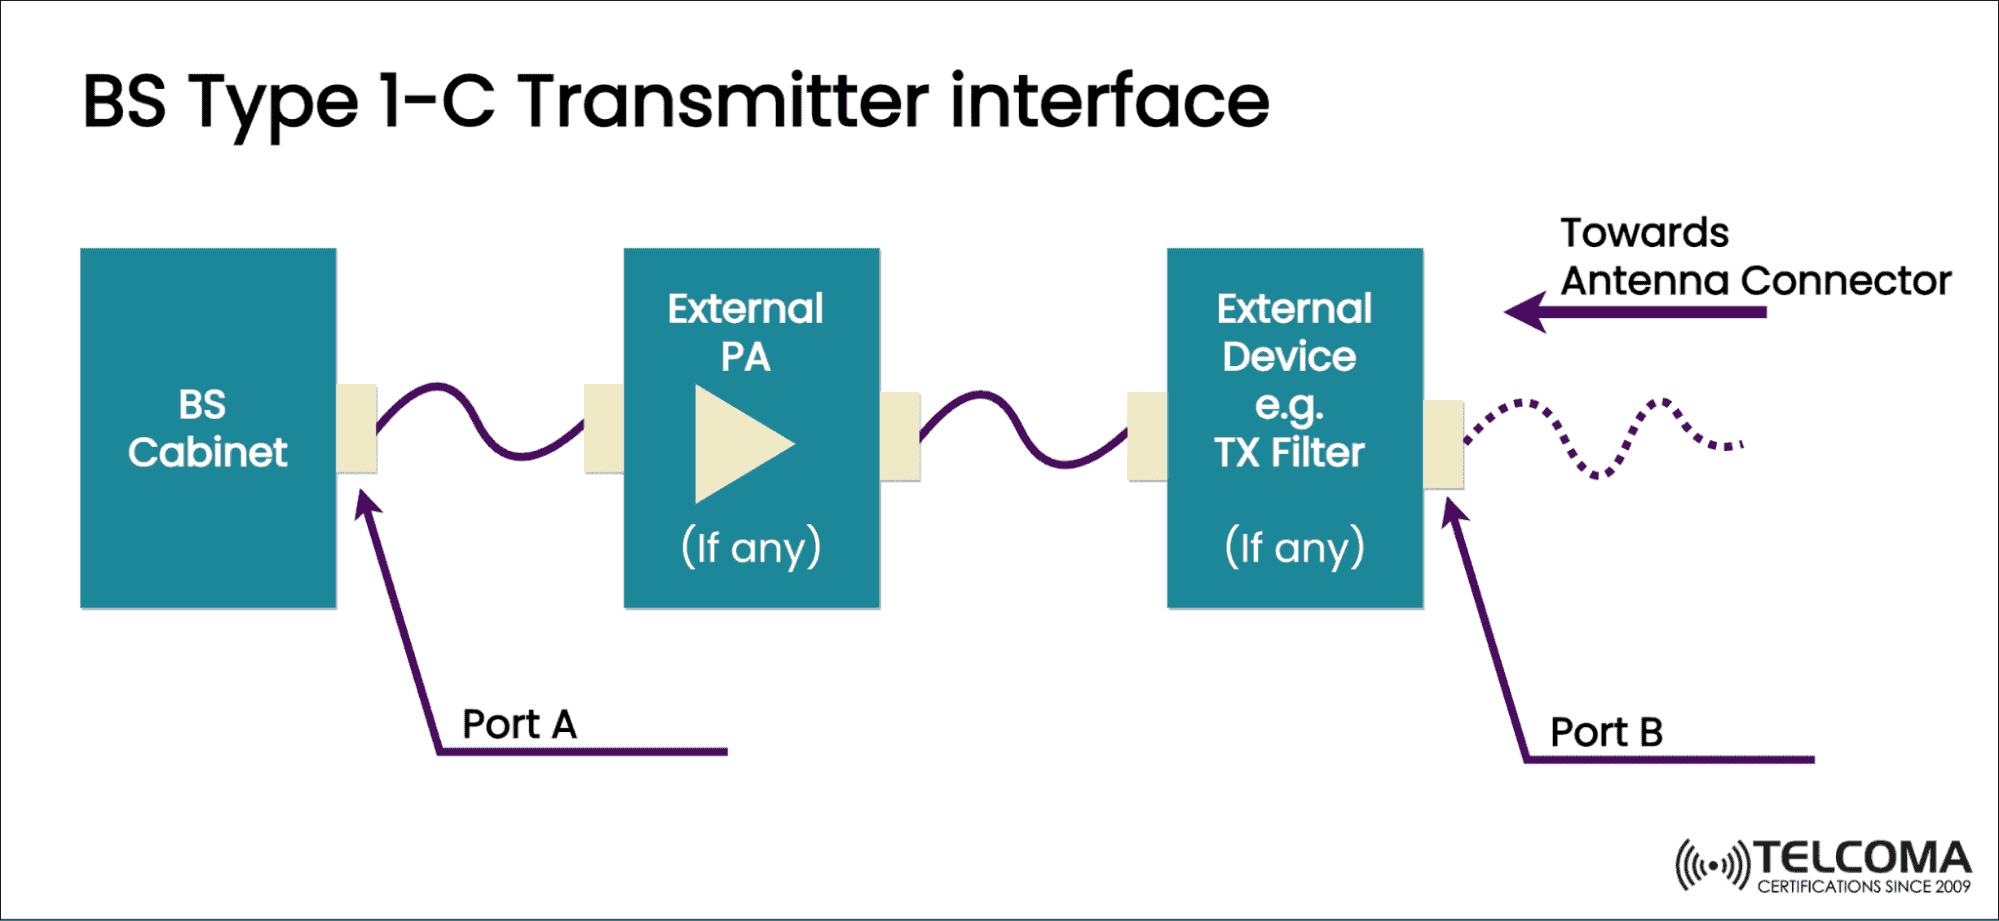 transmitter BS type 1-C